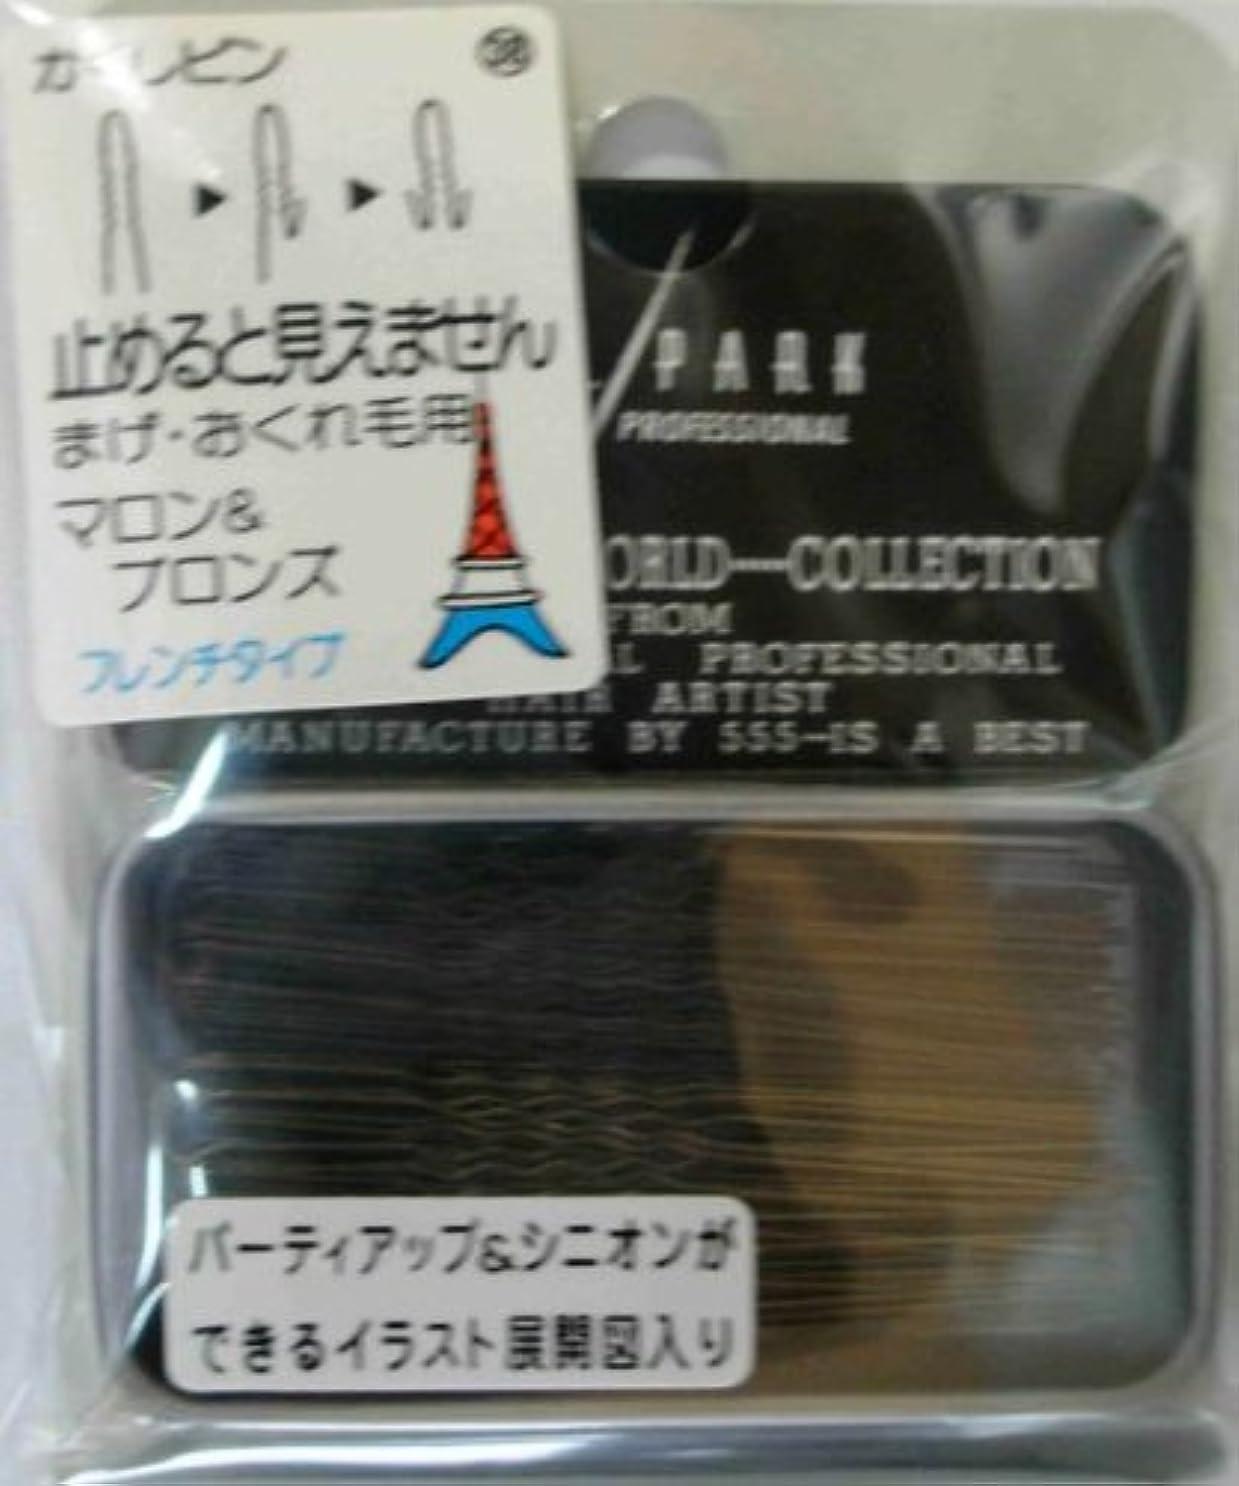 シャッフルペンス圧倒するY.S.PARK世界のヘアピンコレクションNo.38(まげ?おくれ毛用)フレンチタイプ14g